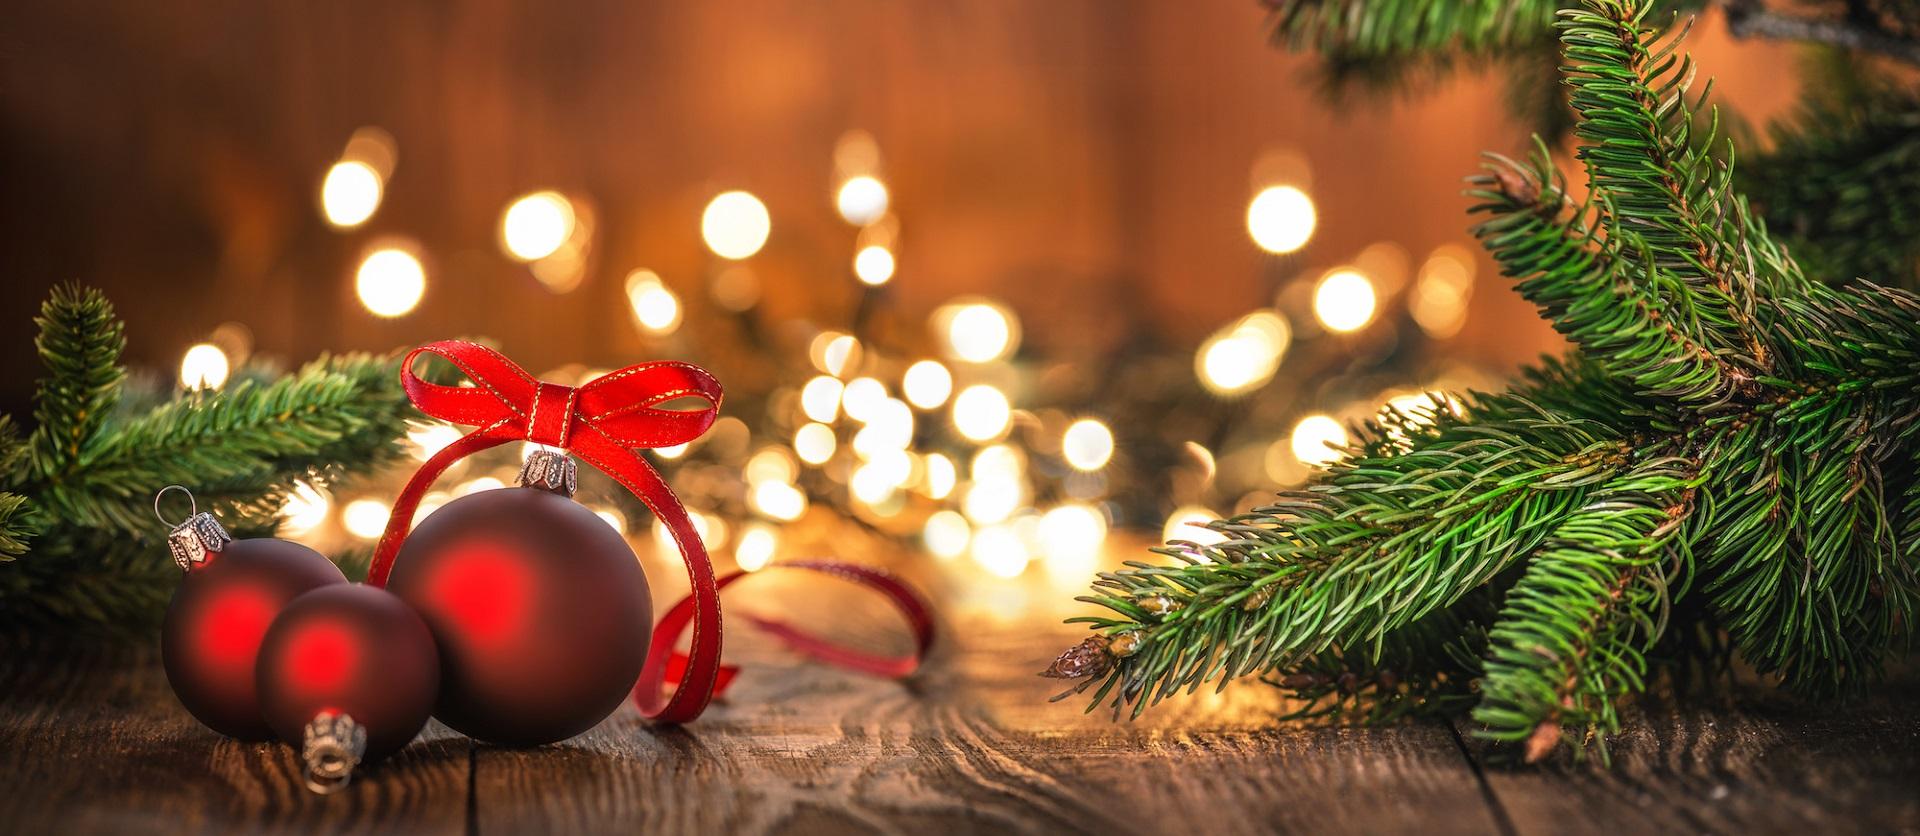 Обръщение на Председателя на Съвета на нотариусите по случай Коледа и Нова година | Notary Chamber